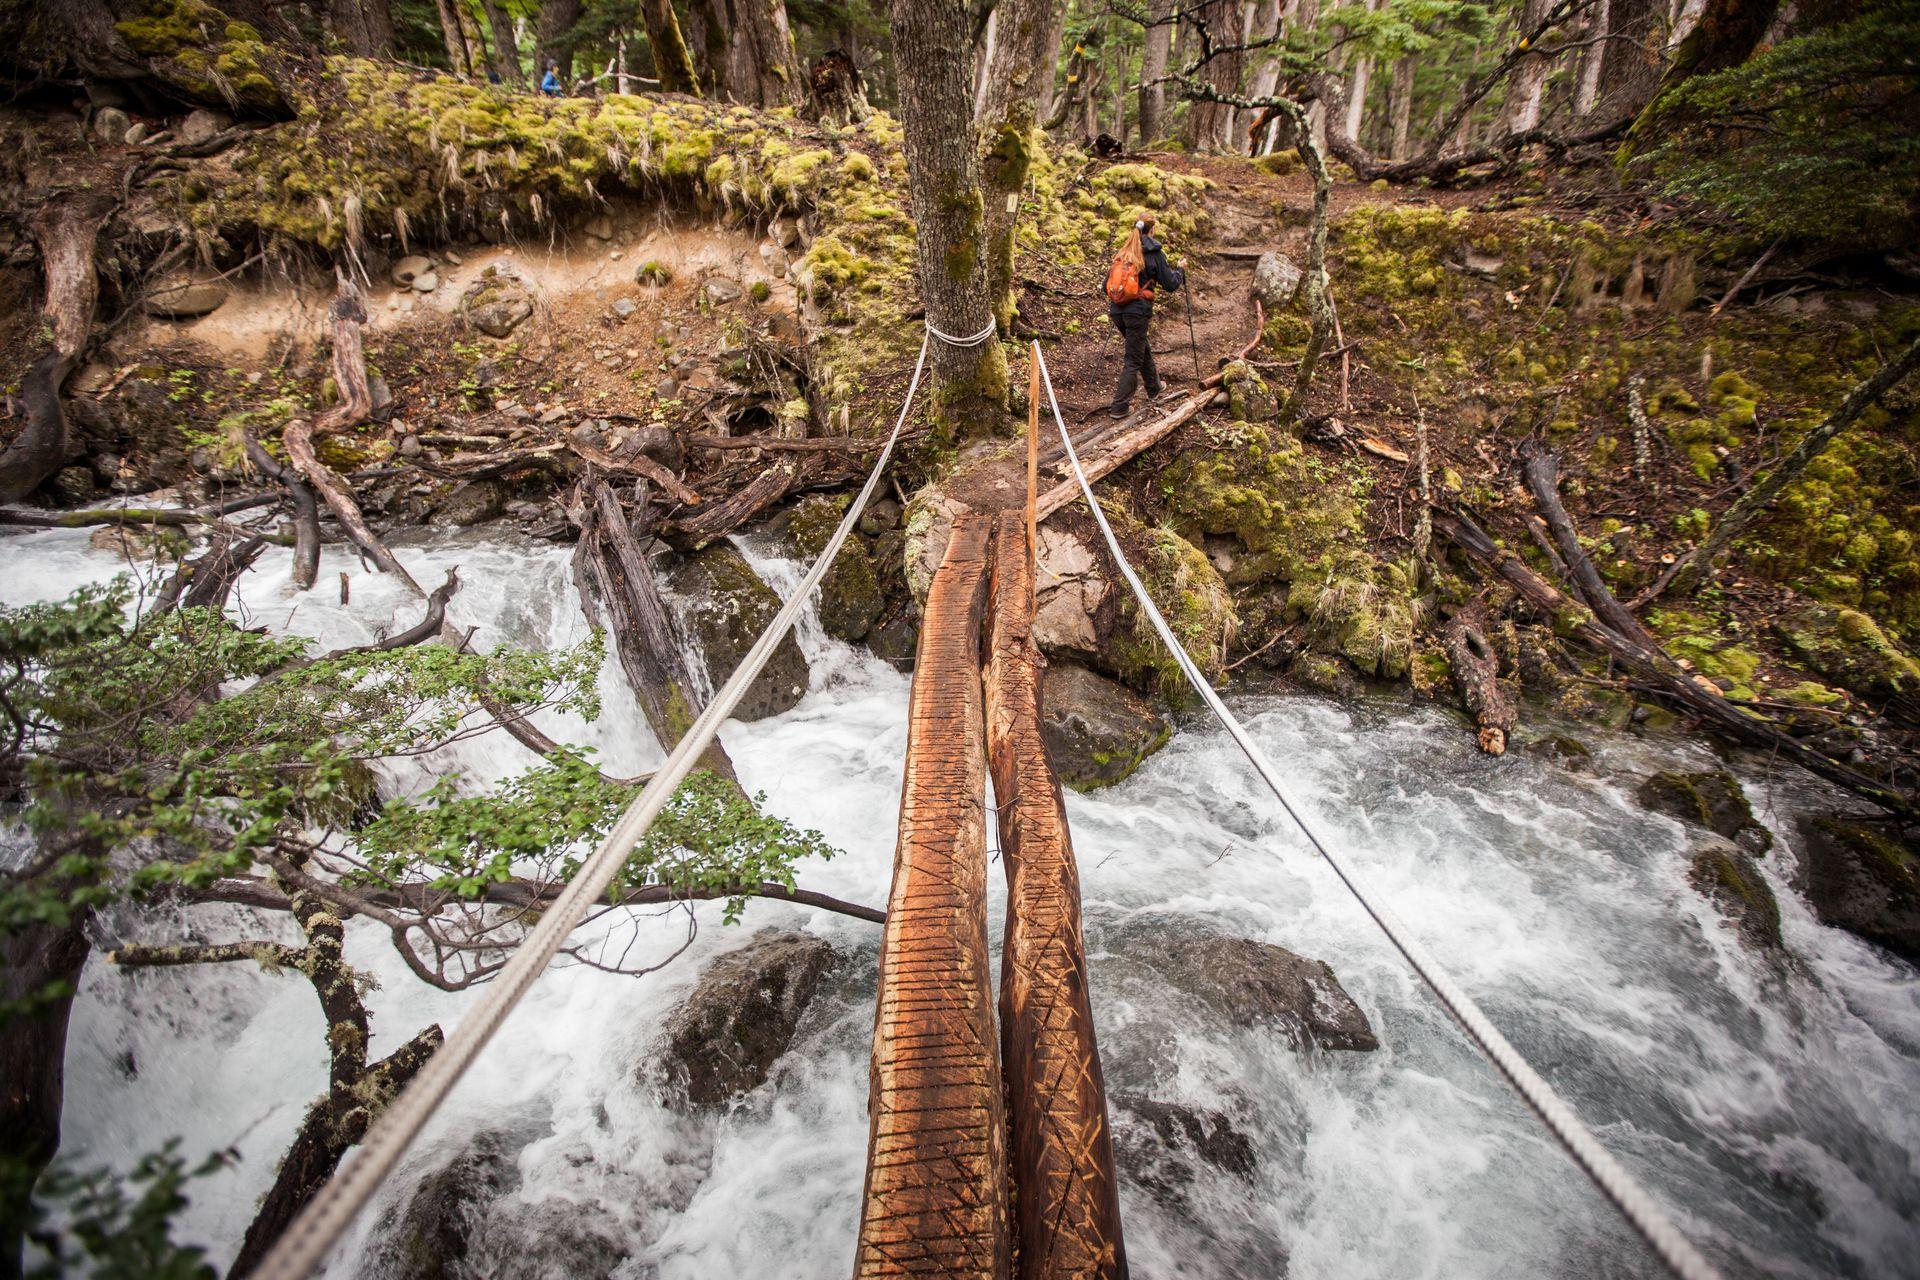 """Pato García guía la caminata a través de un bosque de lengas centenarias hacia el glaciar Vespignani, """"vecino"""" del lodge."""